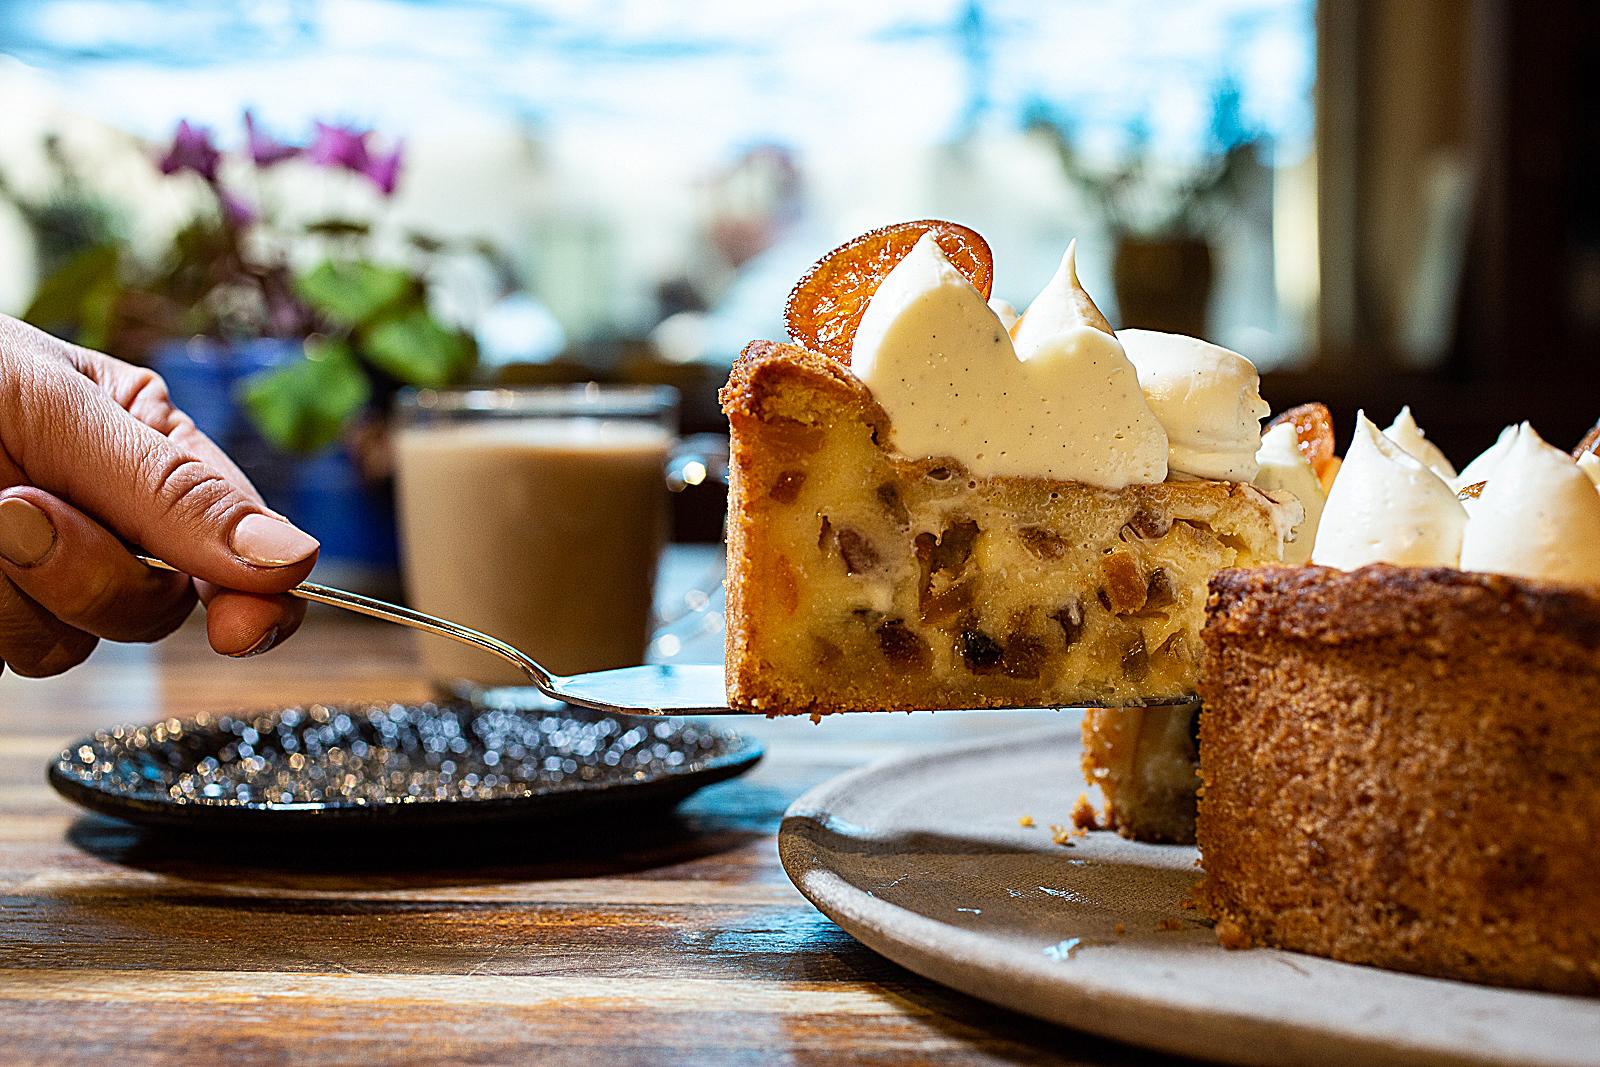 עוגת תפוחים במתחם תשבי. צלם דני גולן